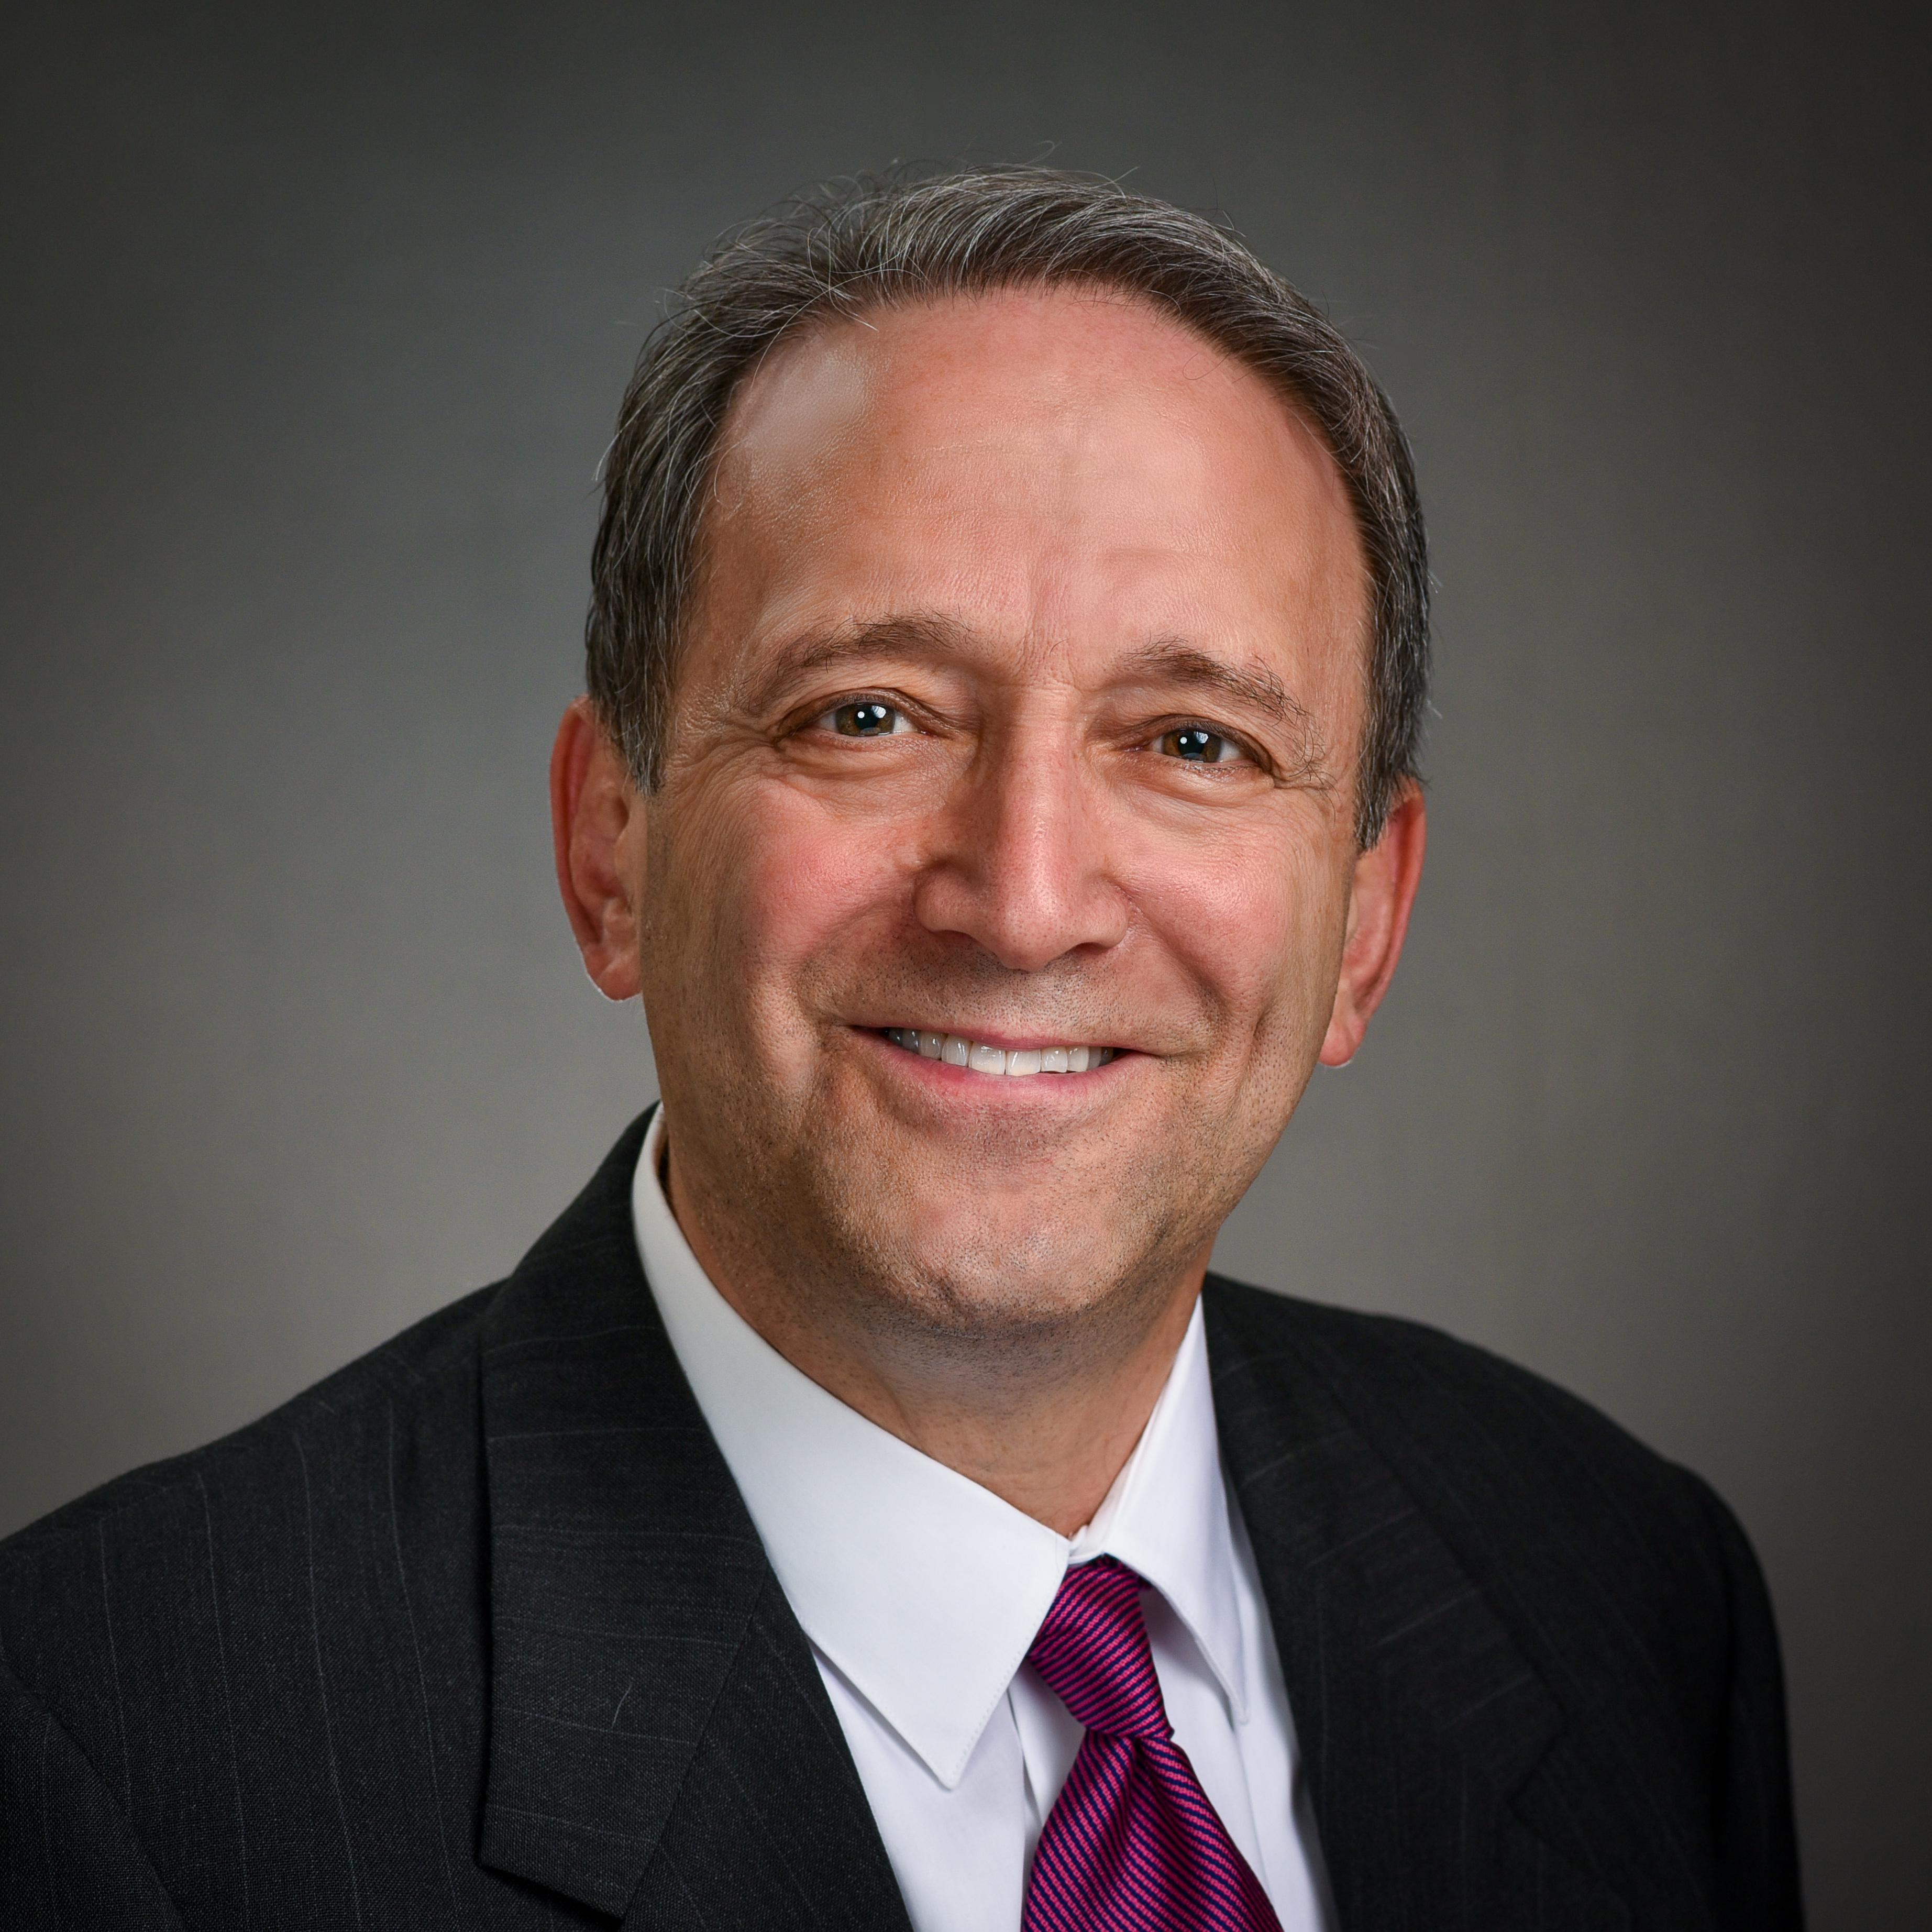 David Welton